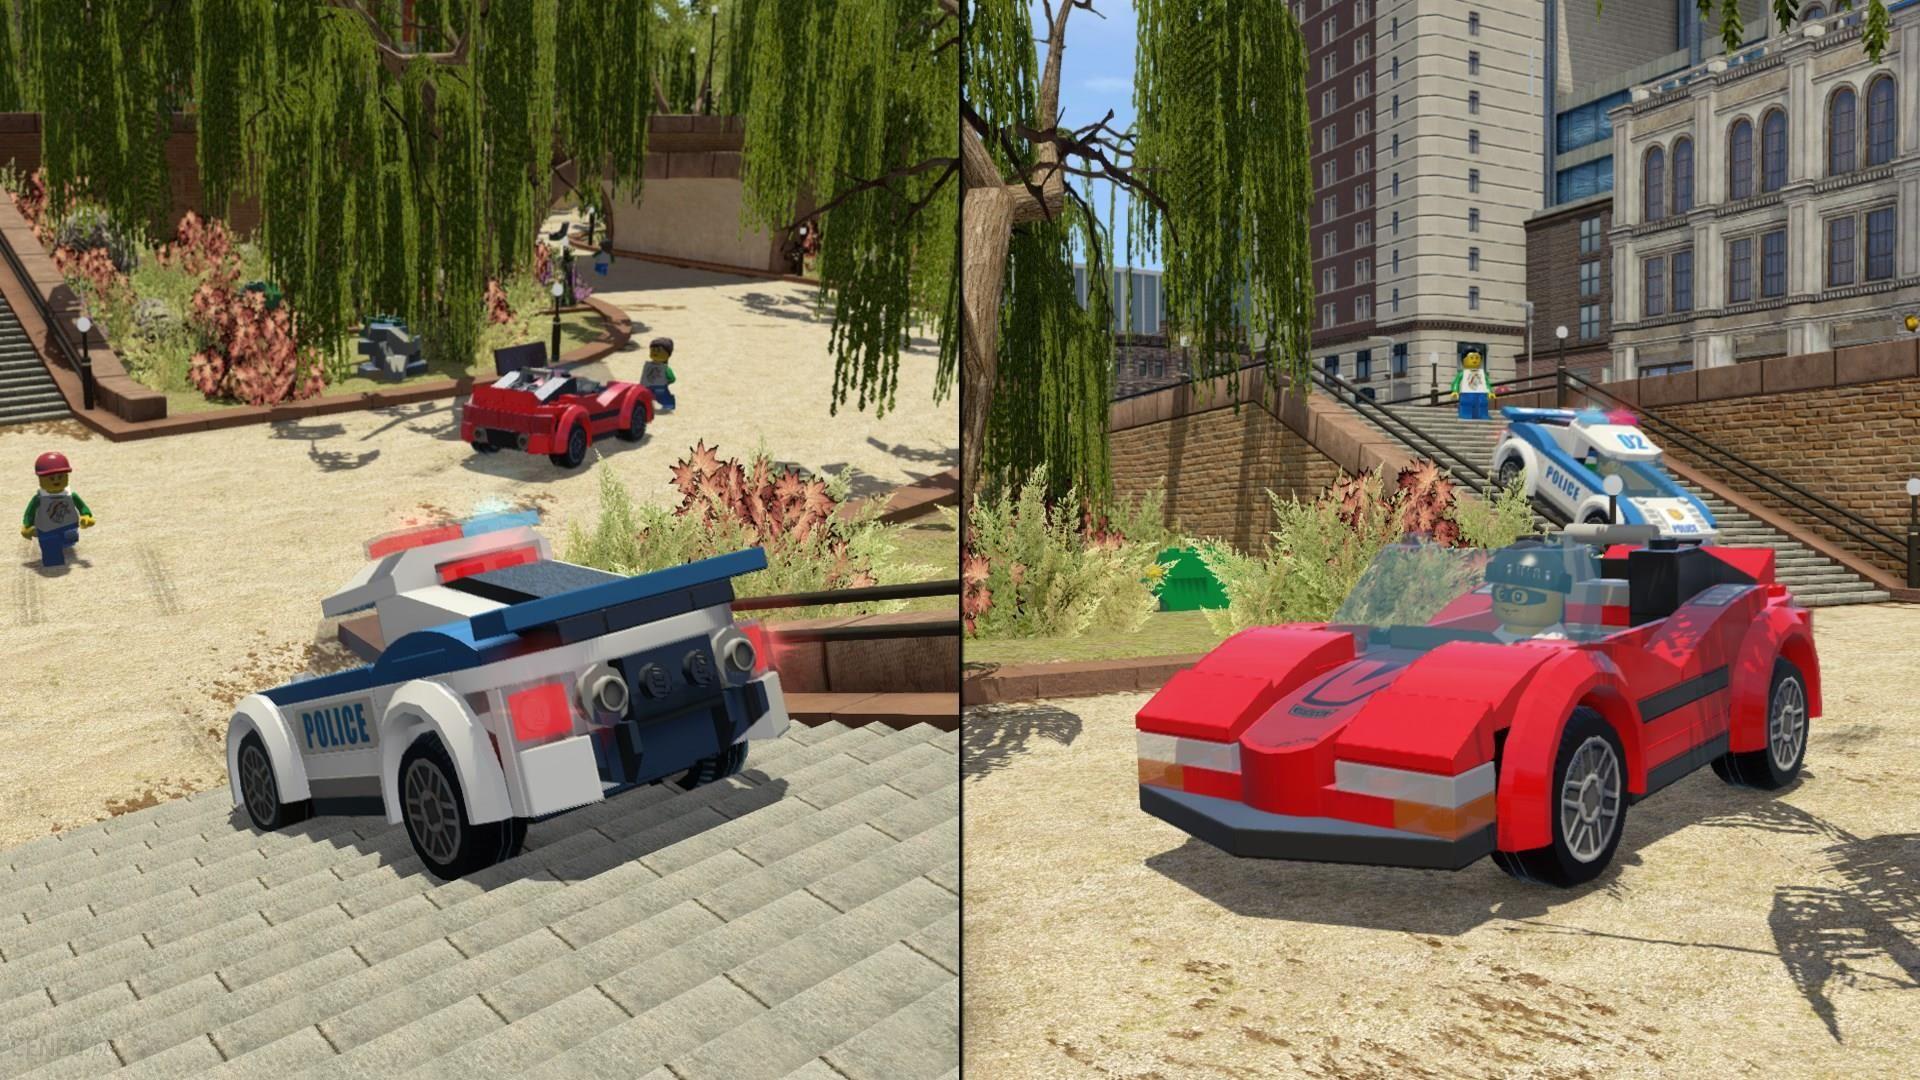 Gra Ps4 Lego City Tajny Agent Gra Ps4 Ceny I Opinie Ceneopl